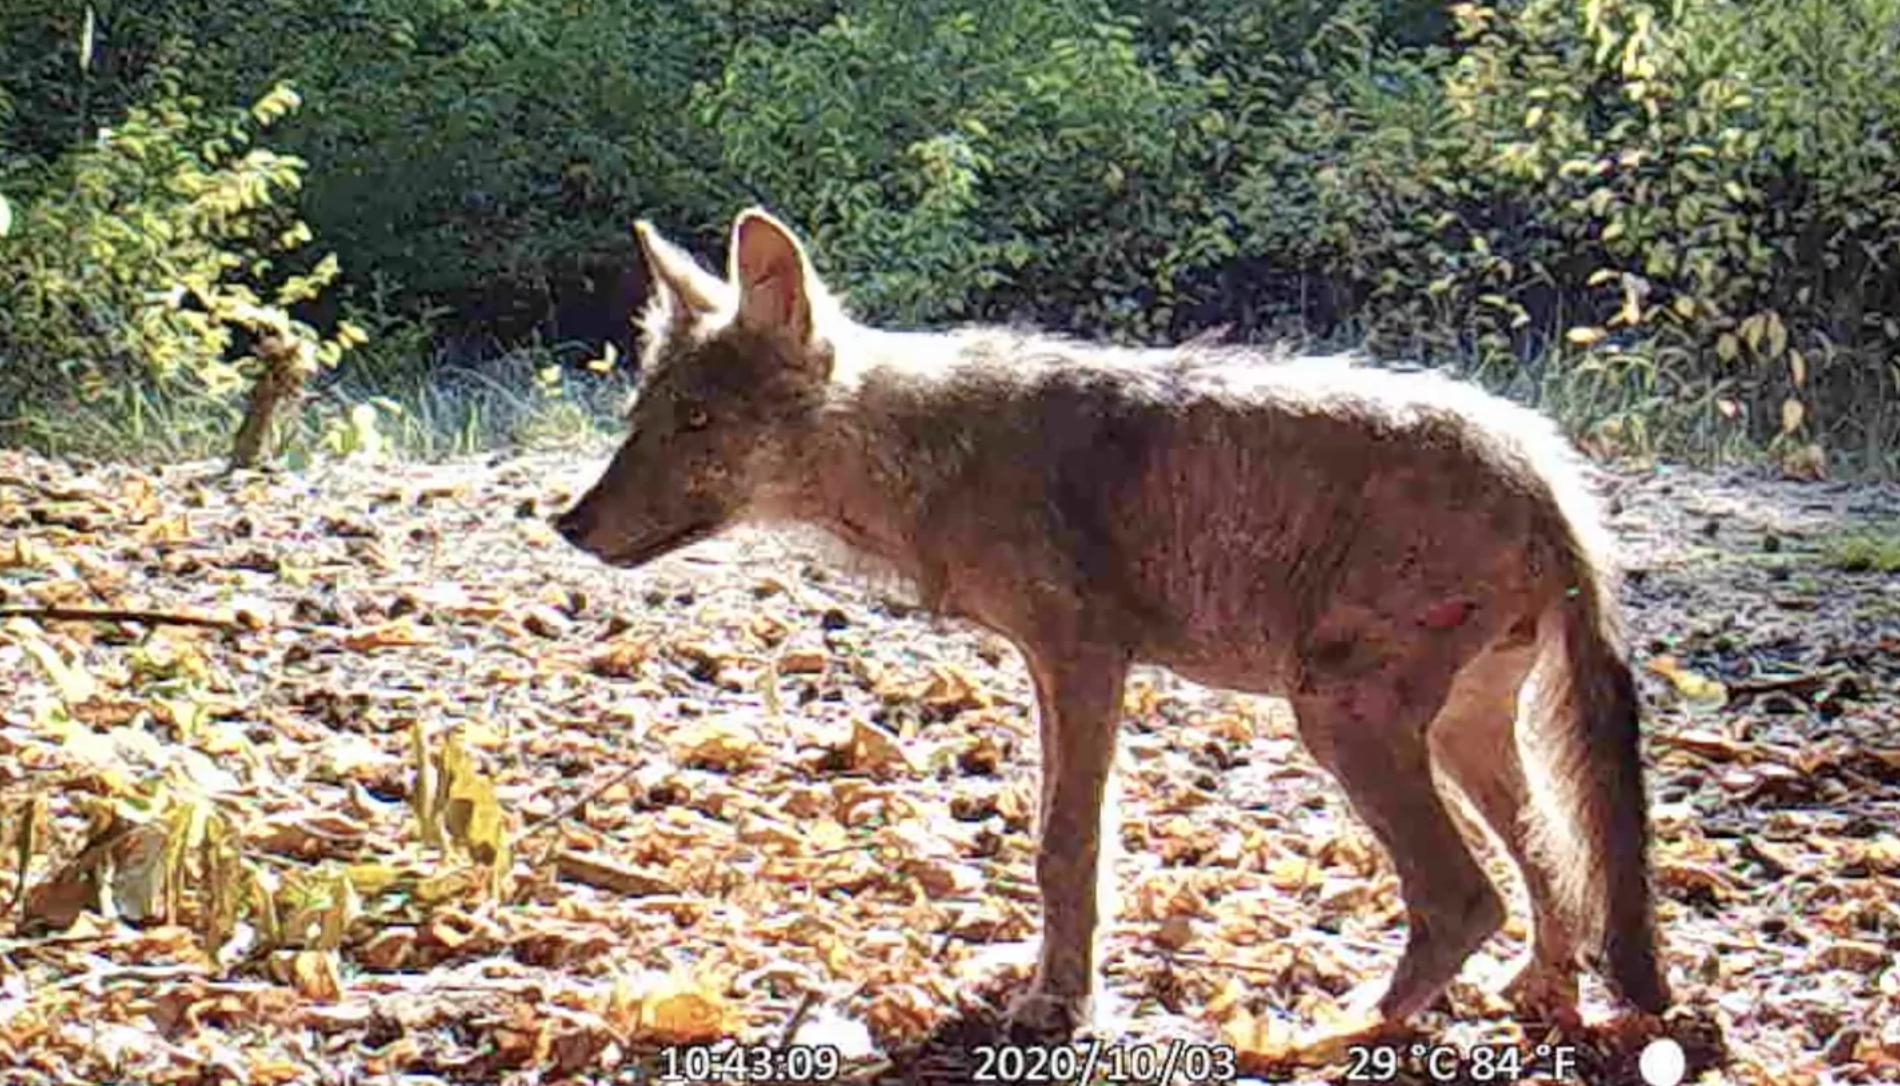 Martwy wilk odnaleziony w Swarzędzu